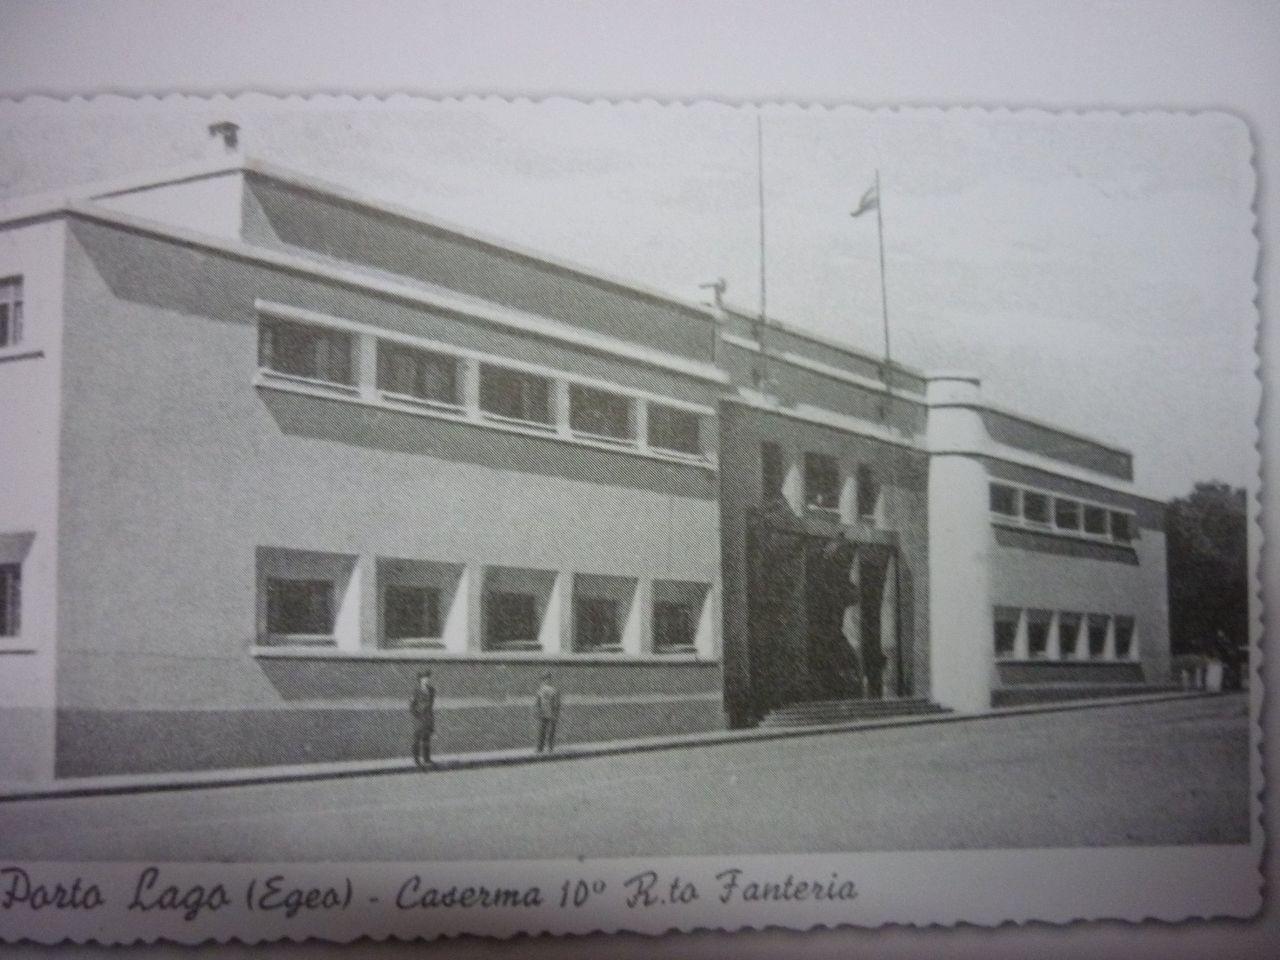 Το επιβλητικό κτίριο κατά το ένδοξο παρελθόν του